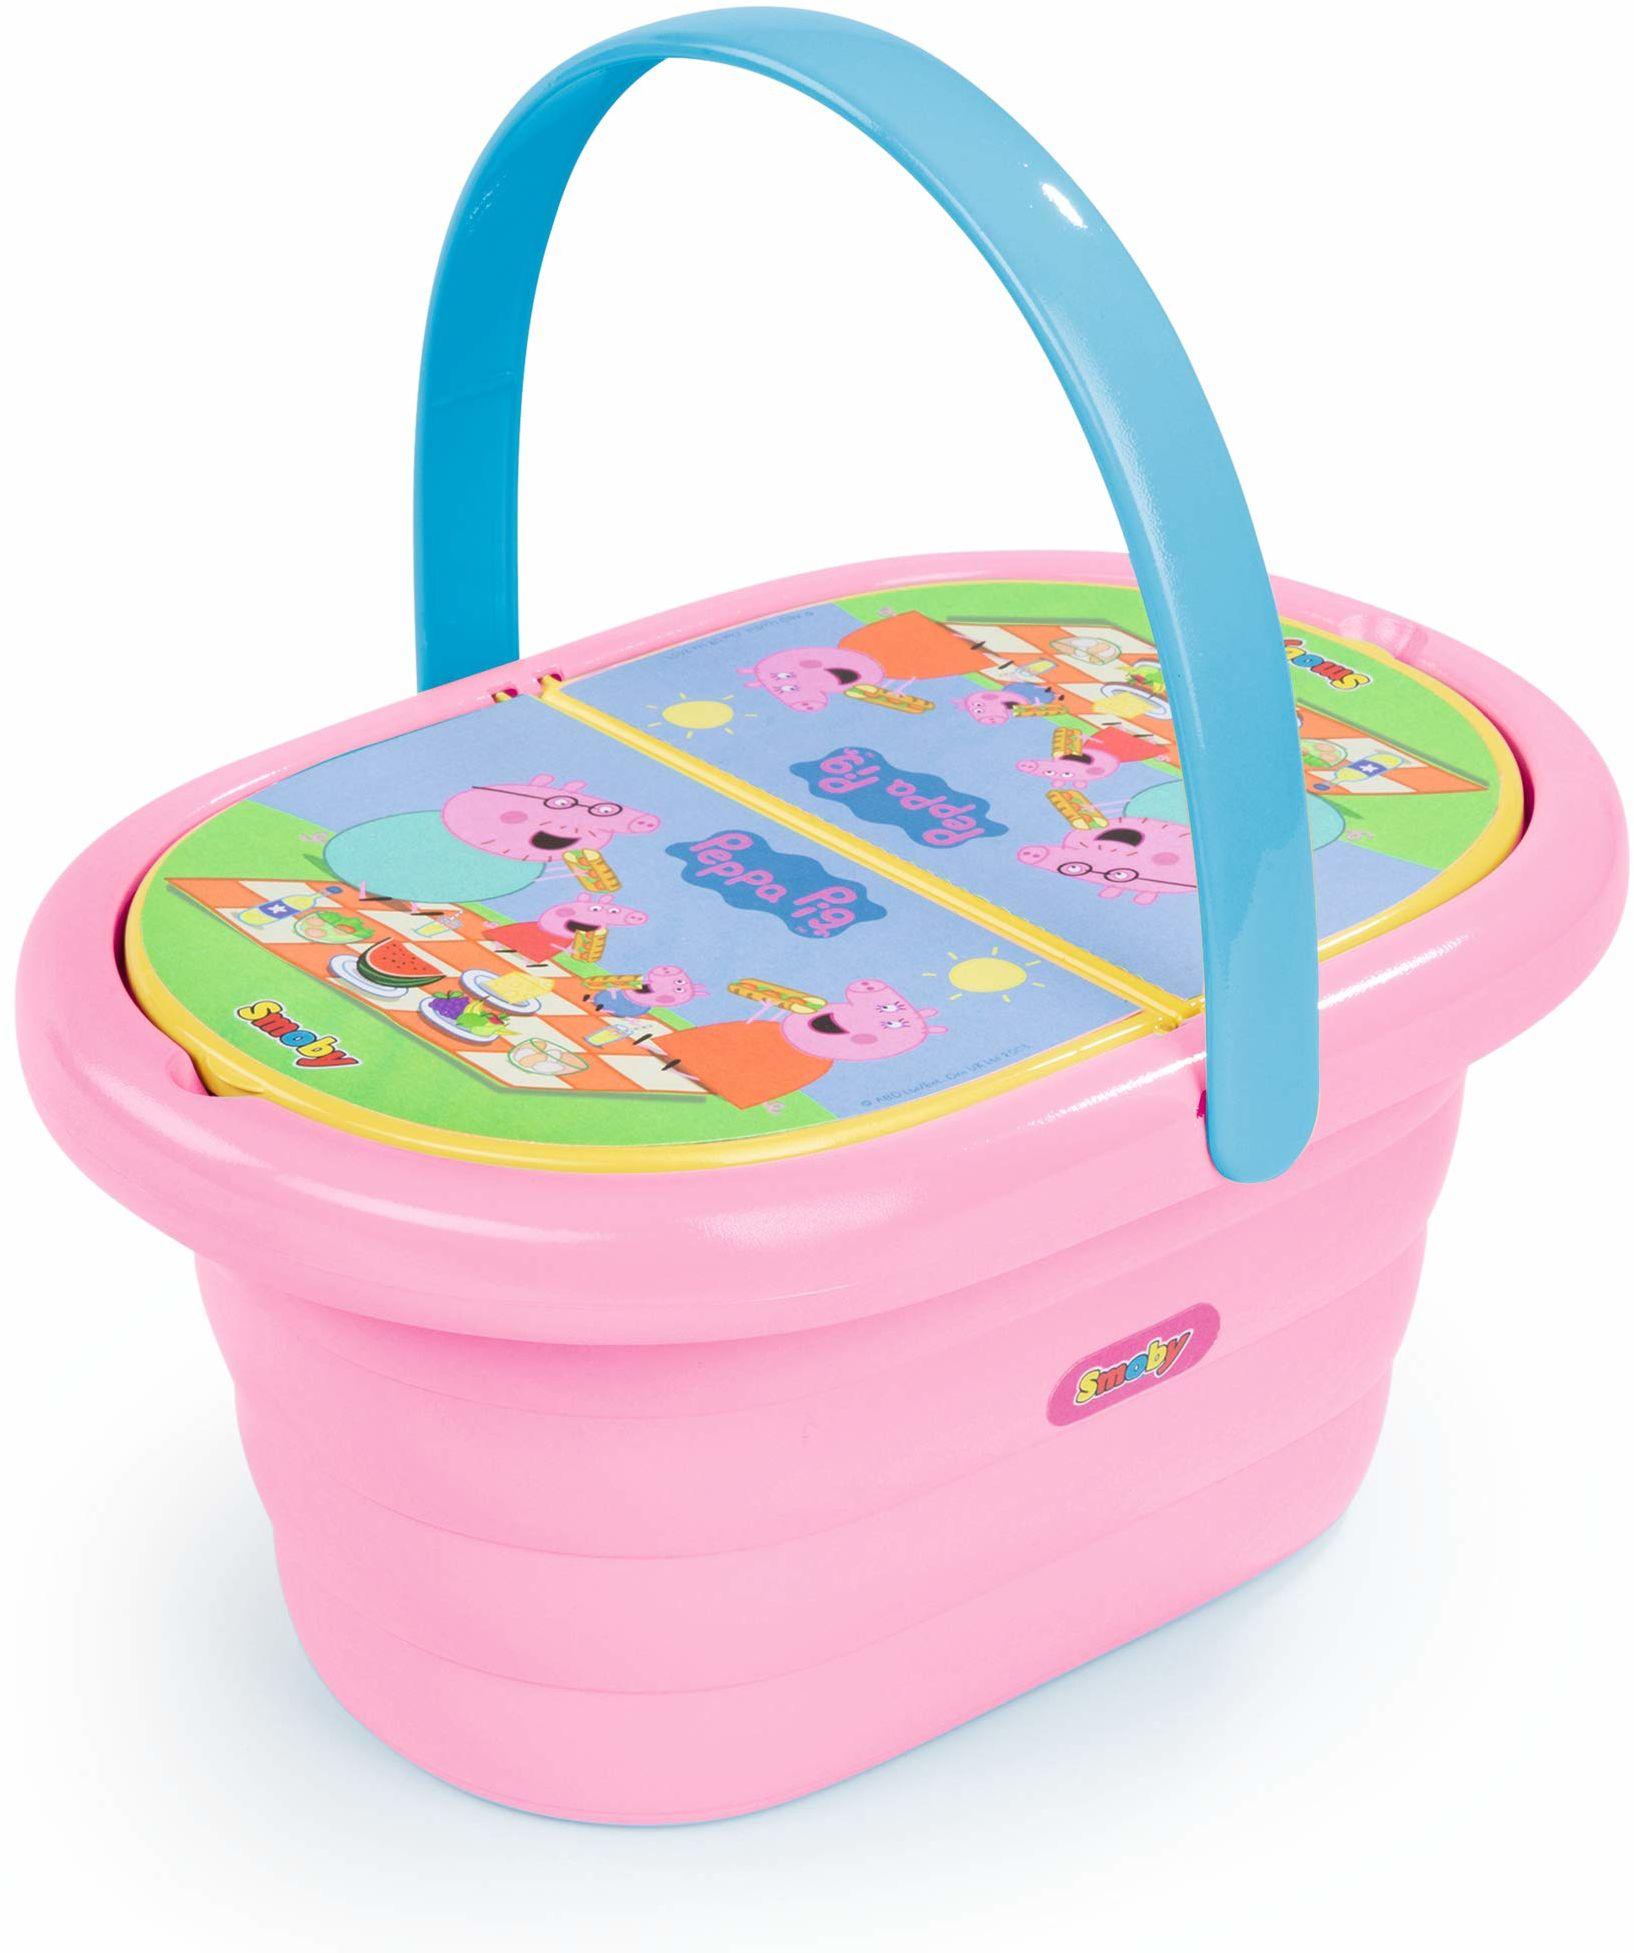 Smoby 310589  kosz piknikowy Peppa Wutz  zestaw do zabawy z serwisem do herbaty zabawkowej (20 części), w zestawie talerz, sztućce, kubek, dla dzieci od 3 lat, różowy